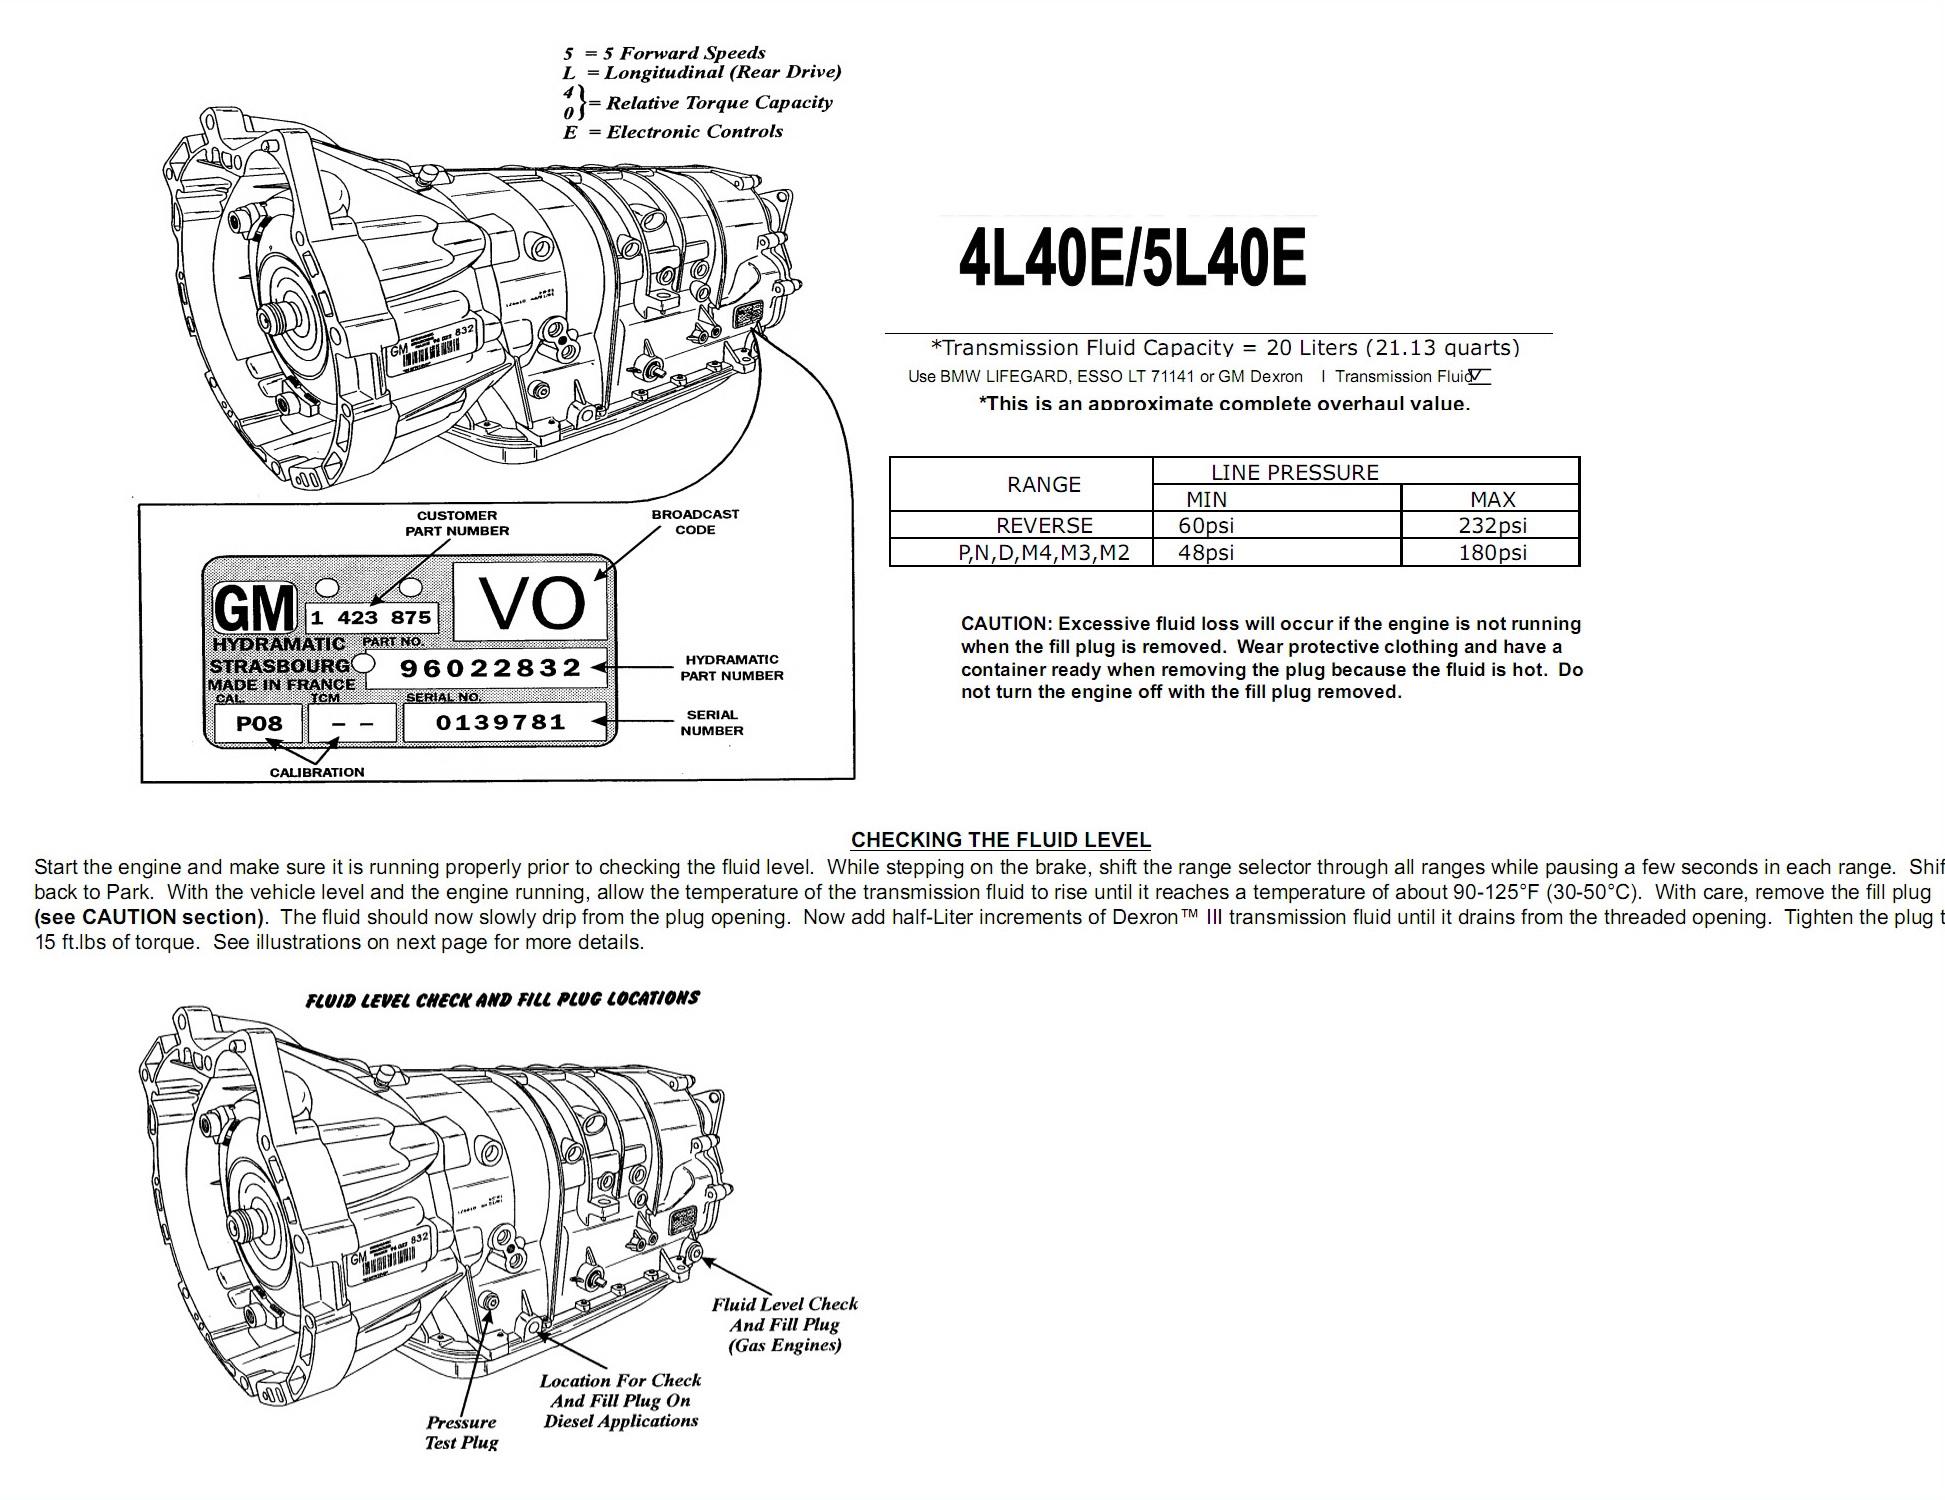 Transmission repair manuals GM 5L40E/ 5L50E | Instructions